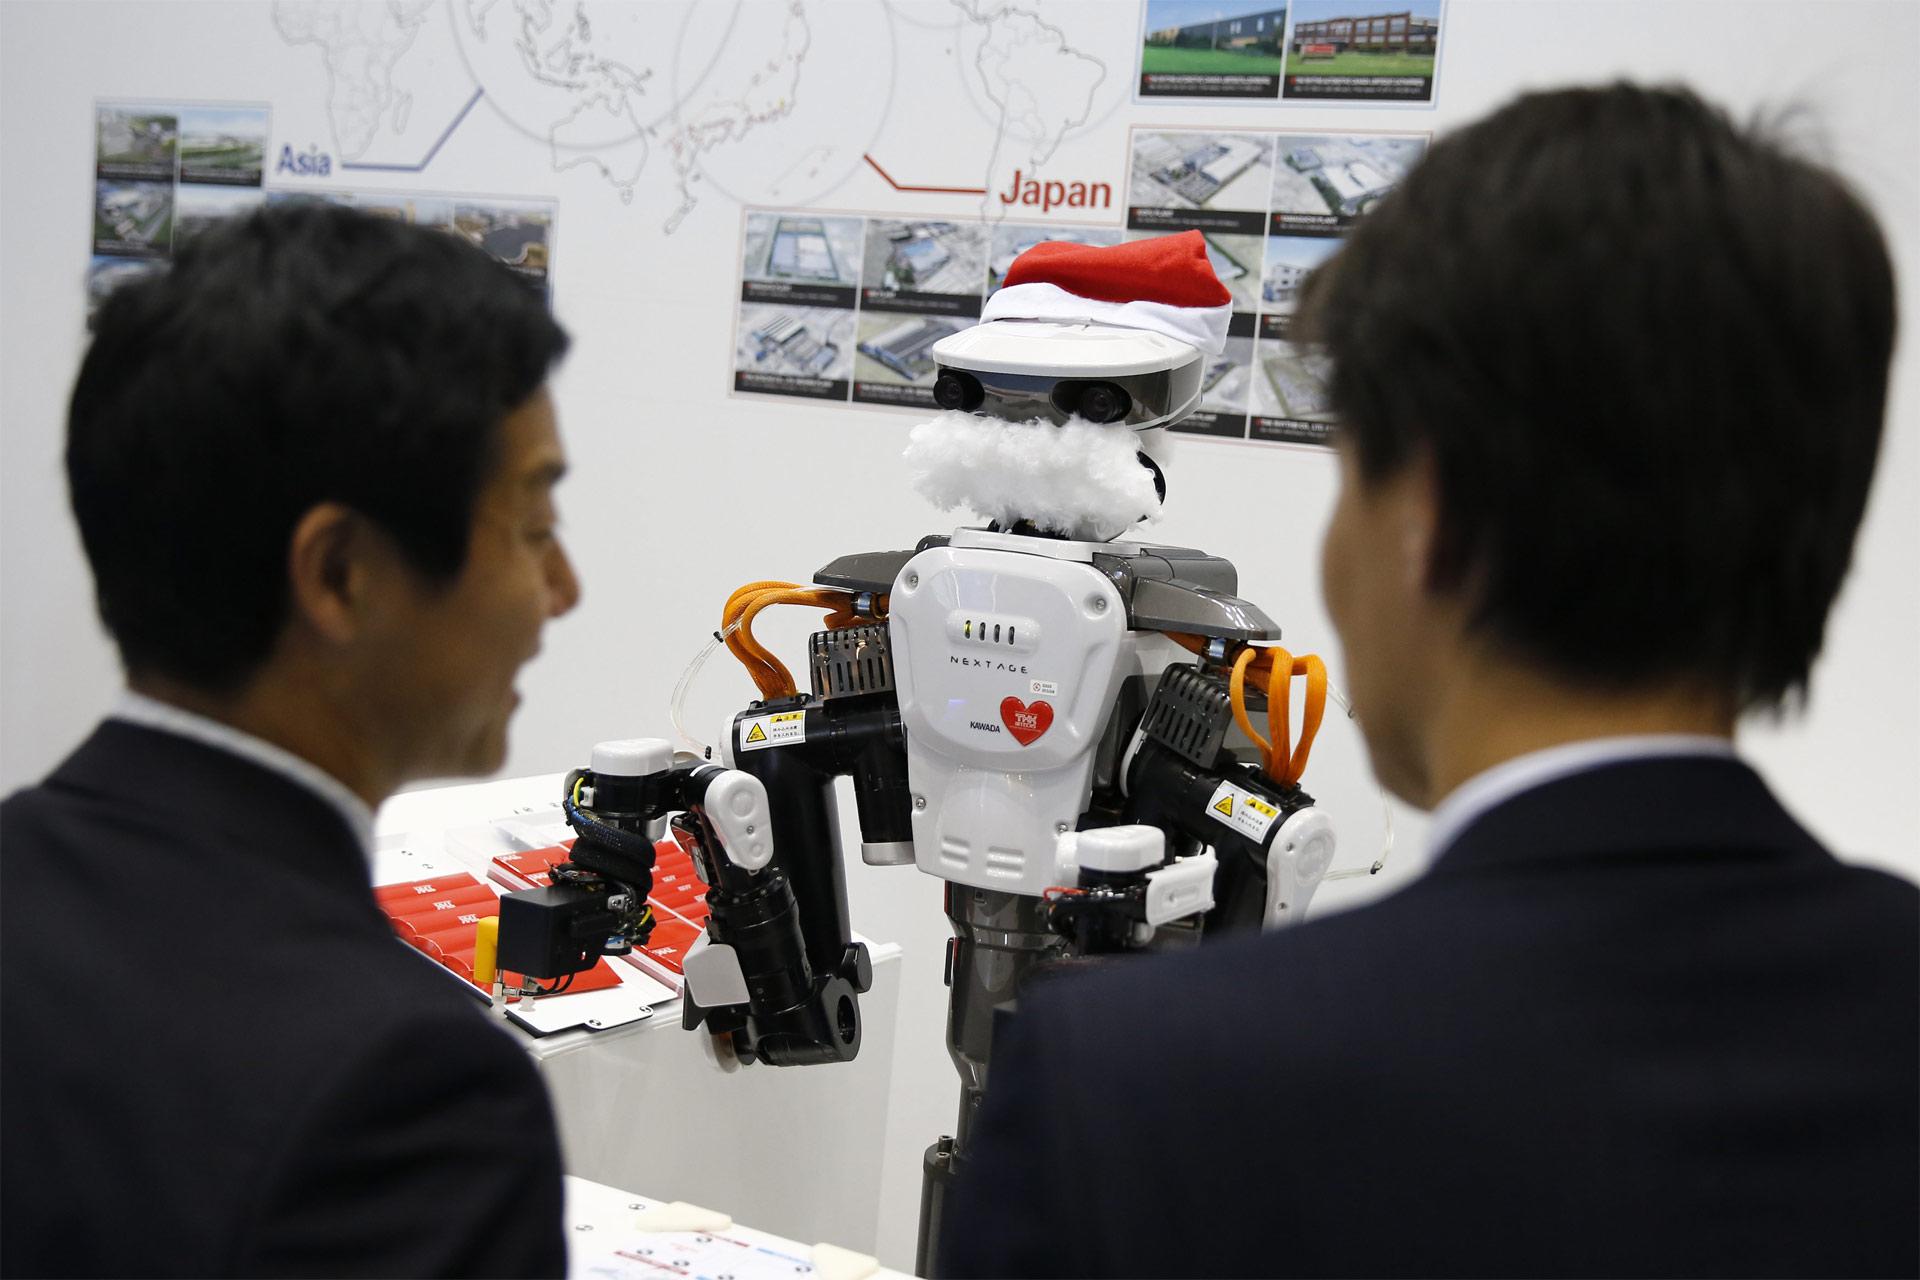 El porcentaje de empleos que ocupen los robots en el futuro dependerá también de factores sociales y económicos